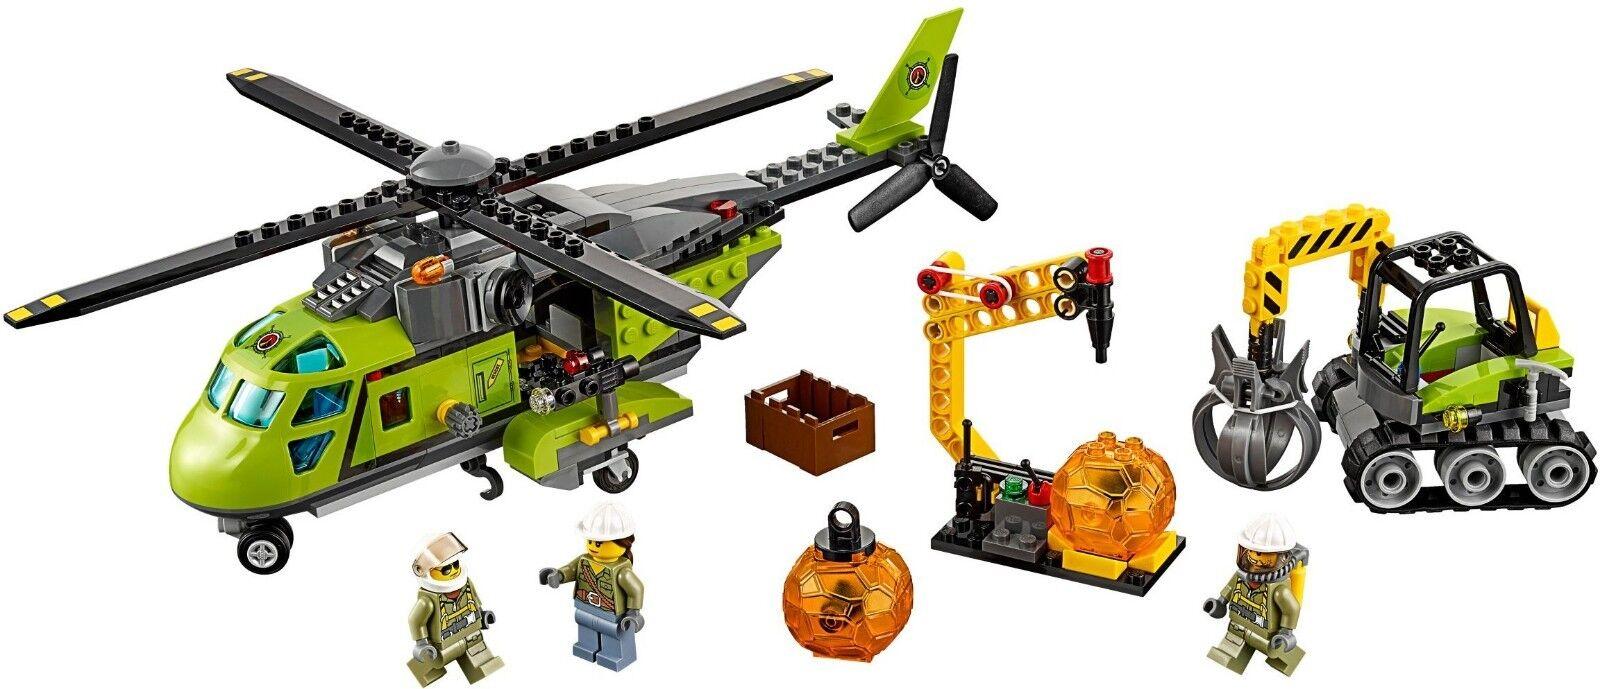 LEGO città 60123 Volcano Supply Helicopter 100% completare  with uomoual & Minifigs  scegli il tuo preferito